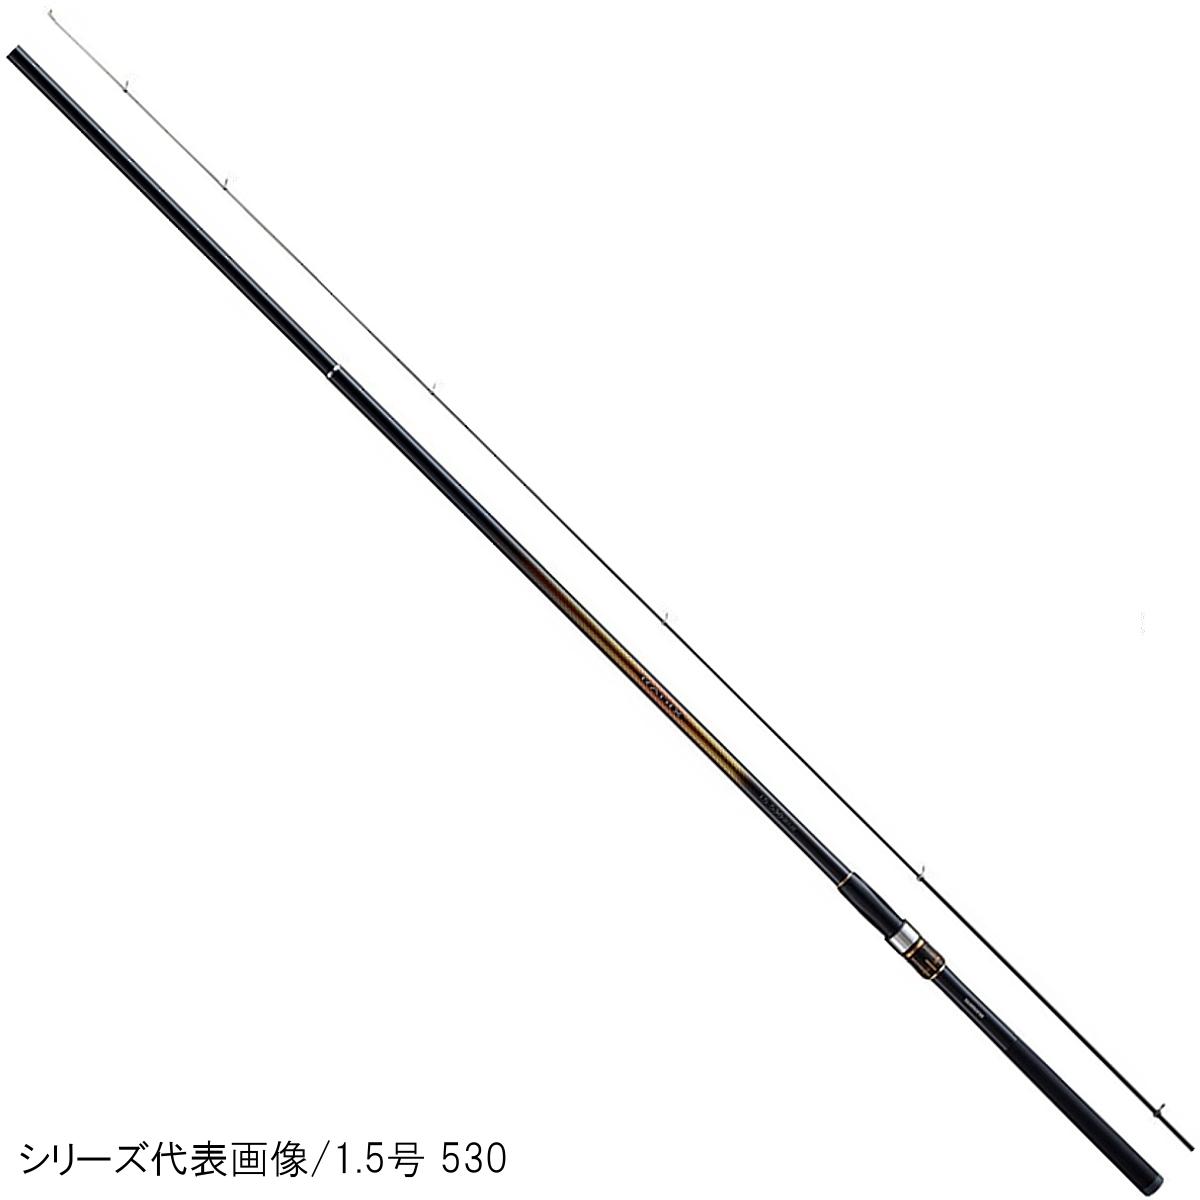 シマノ ラディックス 2号 530(東日本店)